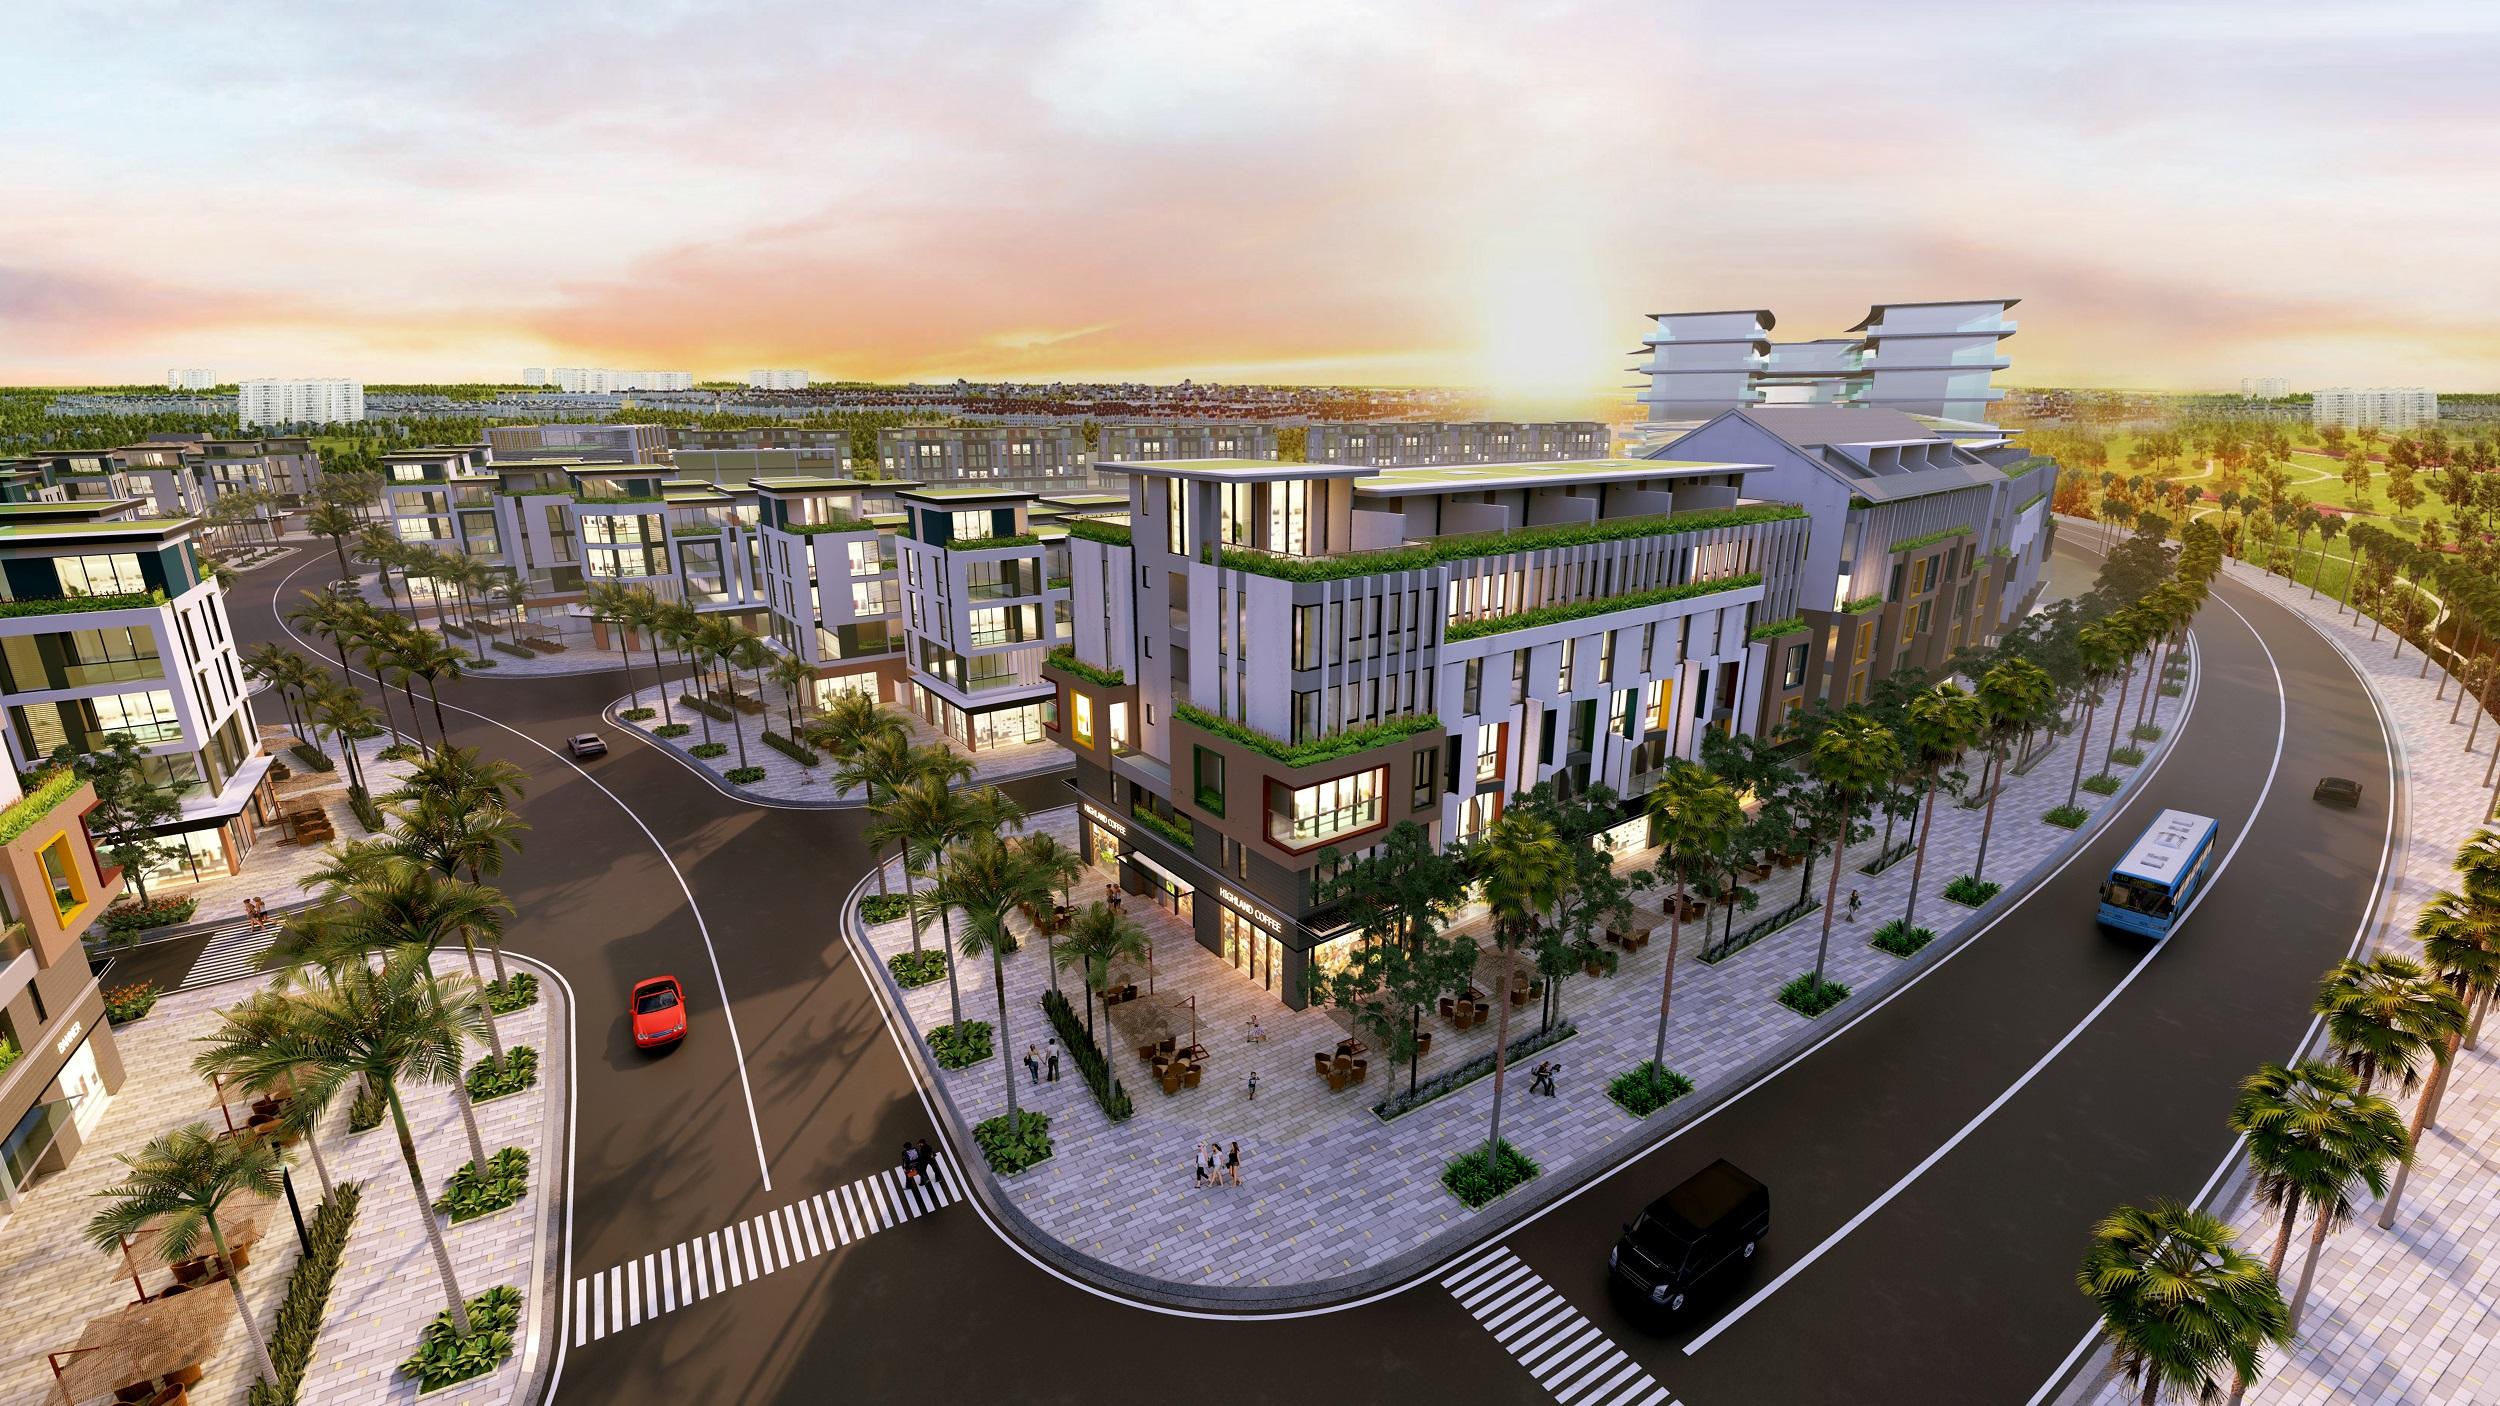 Đâu sẽ là đô thị thông minh, đáng sống cho tương lai Phú Quốc? - Ảnh 2